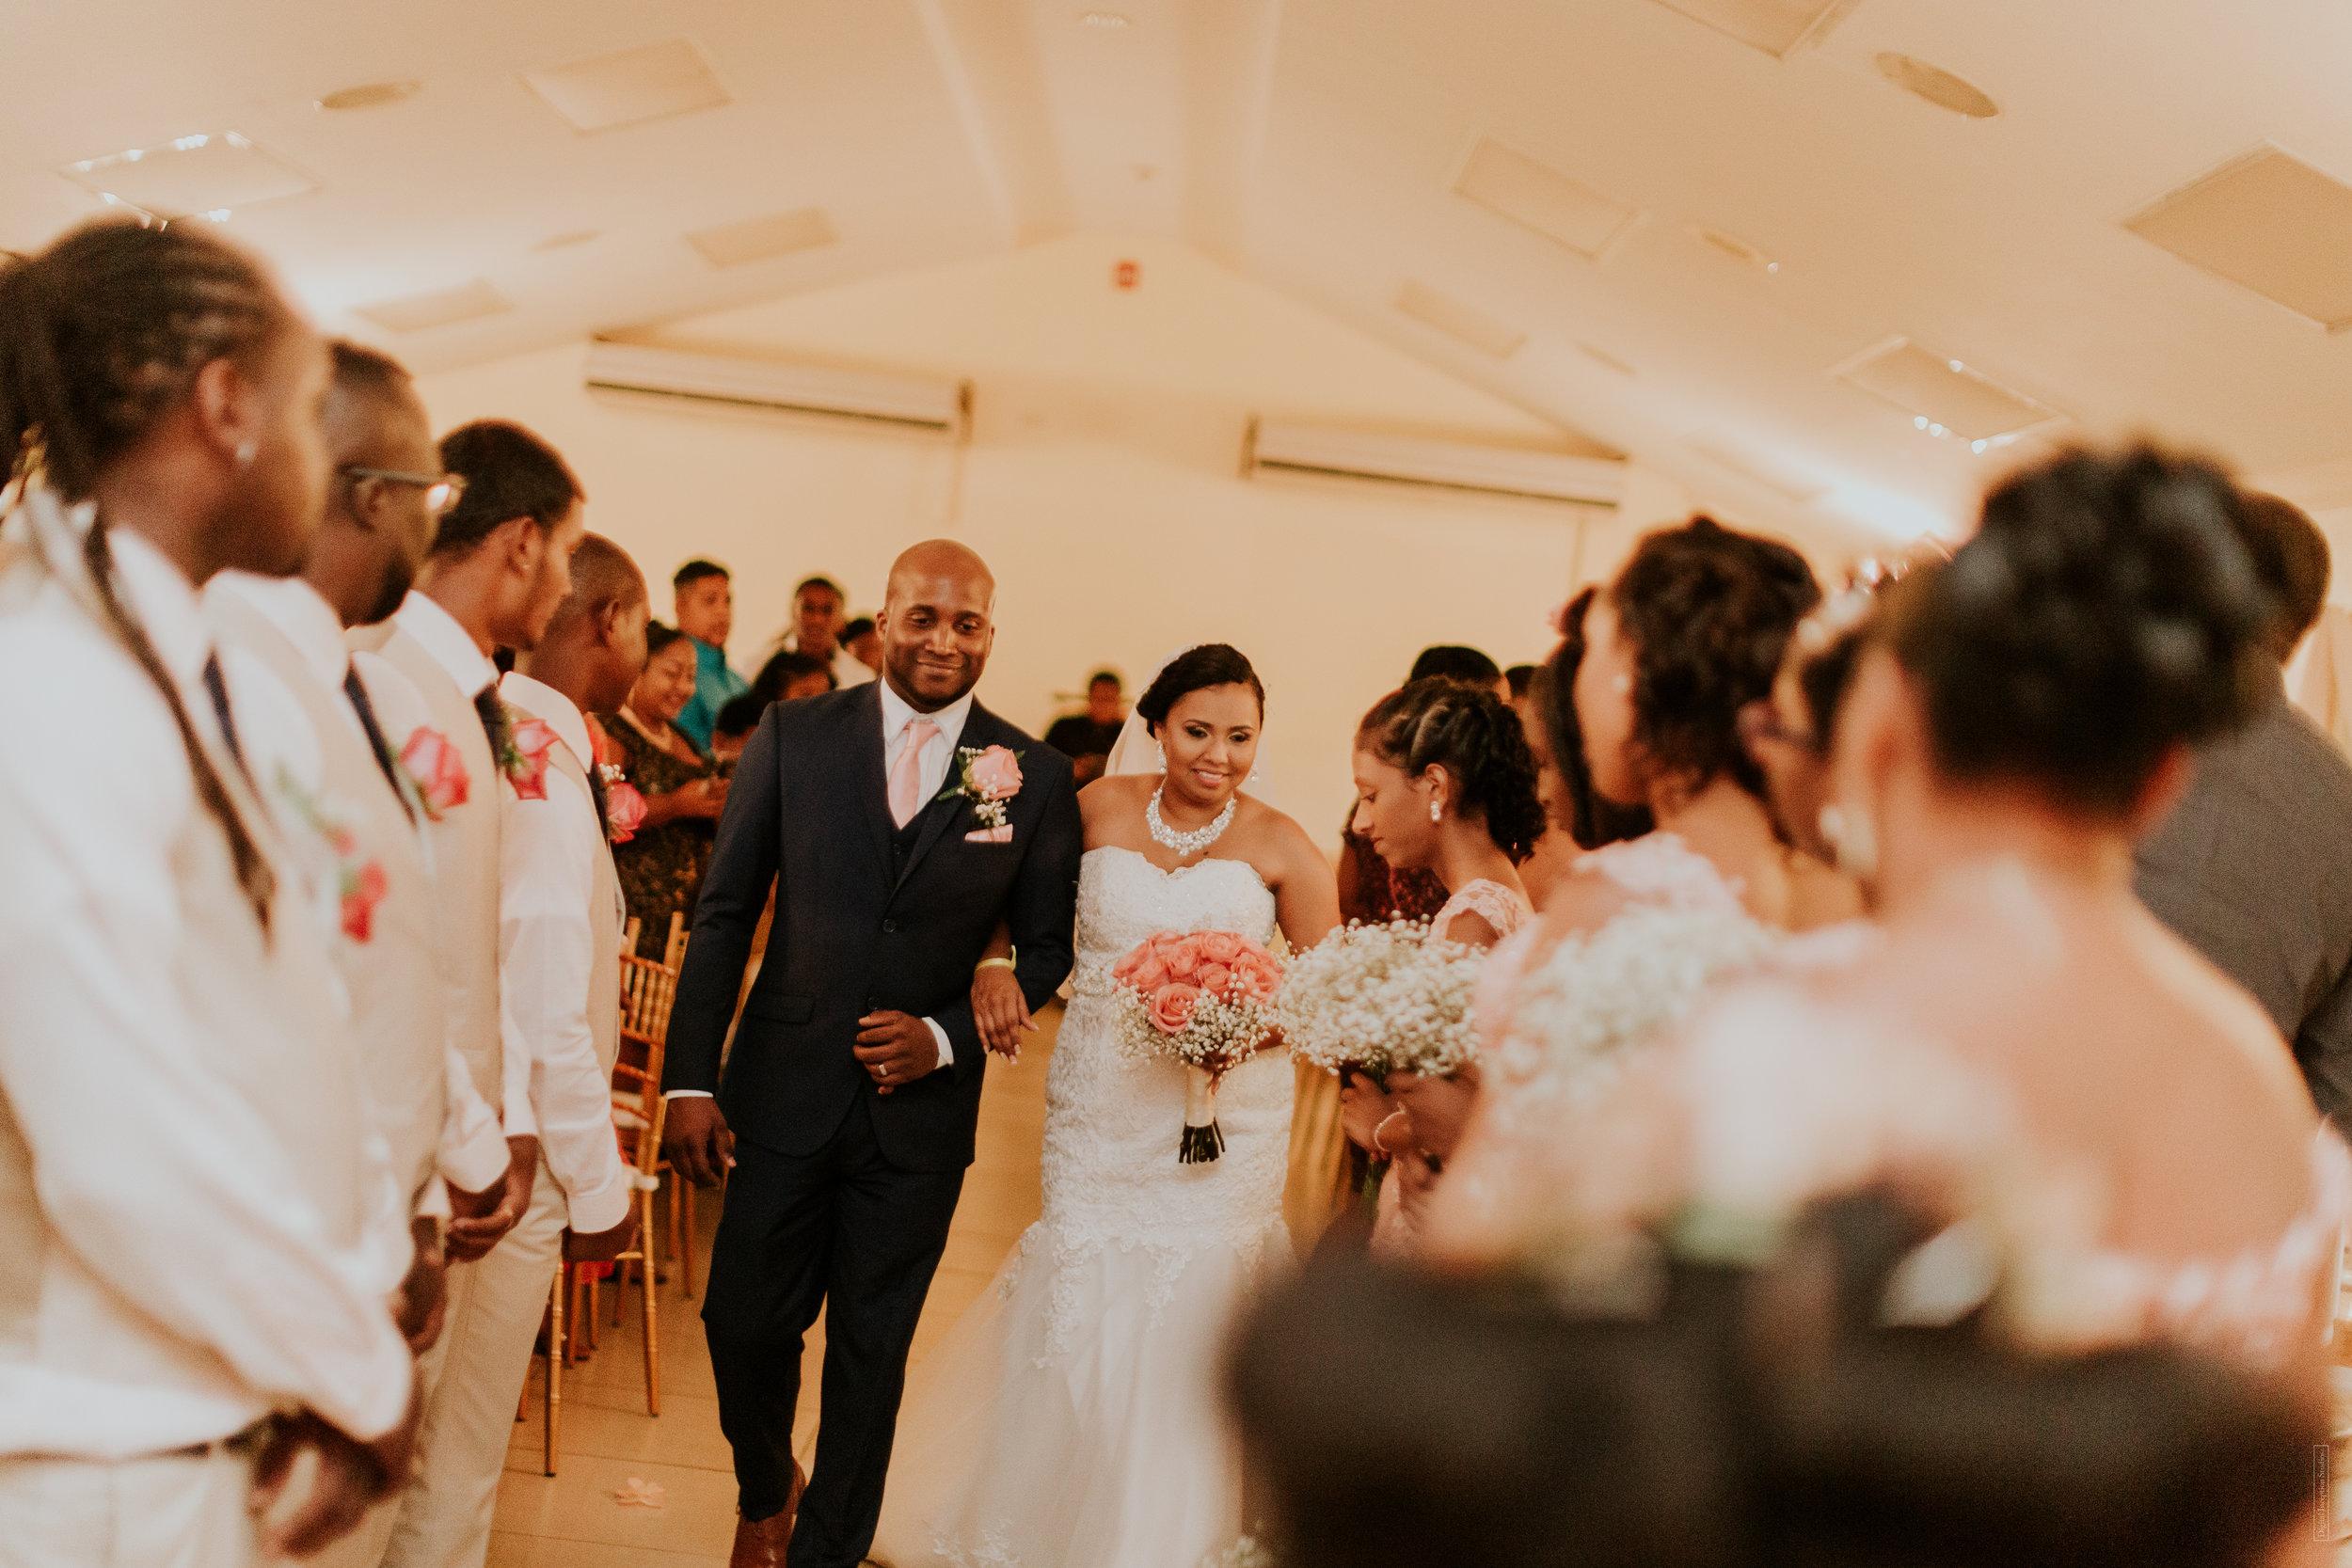 Our Wedding (The Reyes')-251.jpg